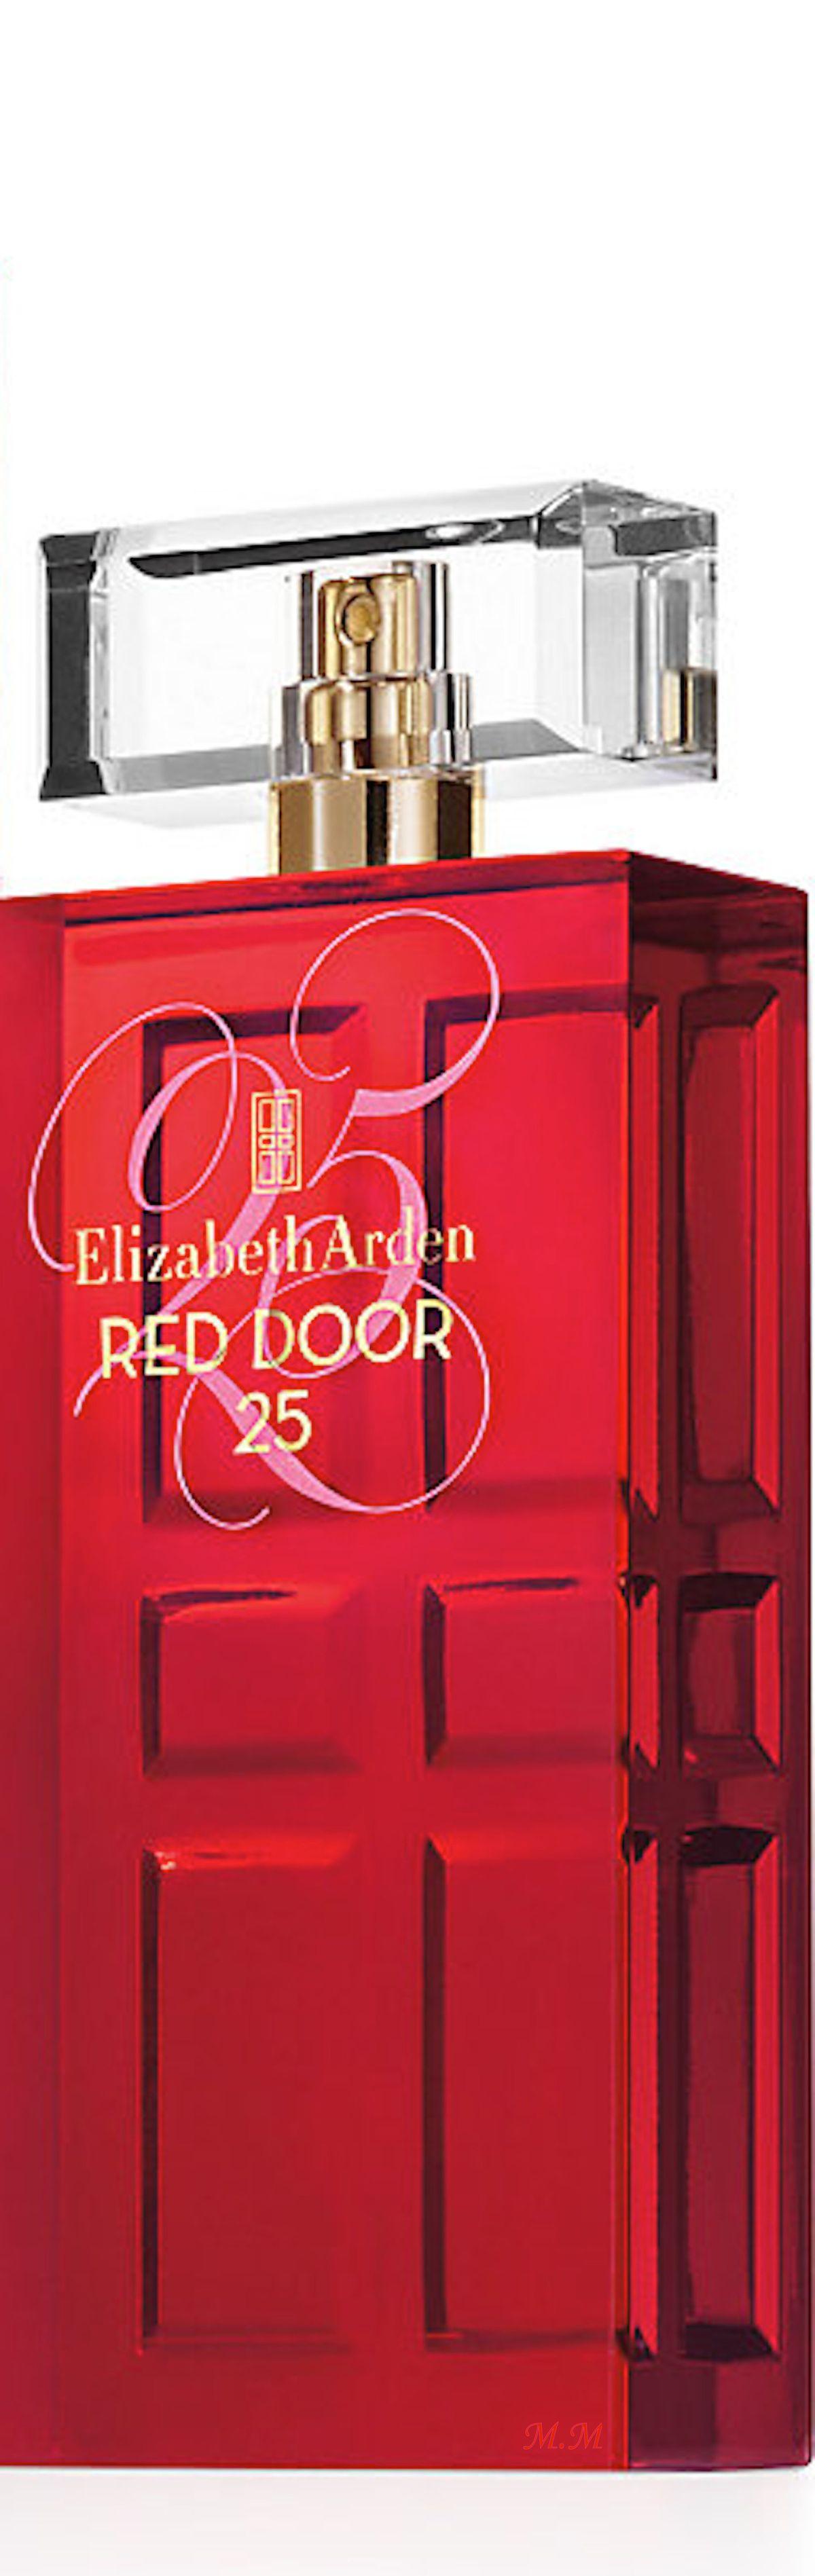 Elisabeth Arden Red Door 25 Eau De Toilette Perfume Bottles